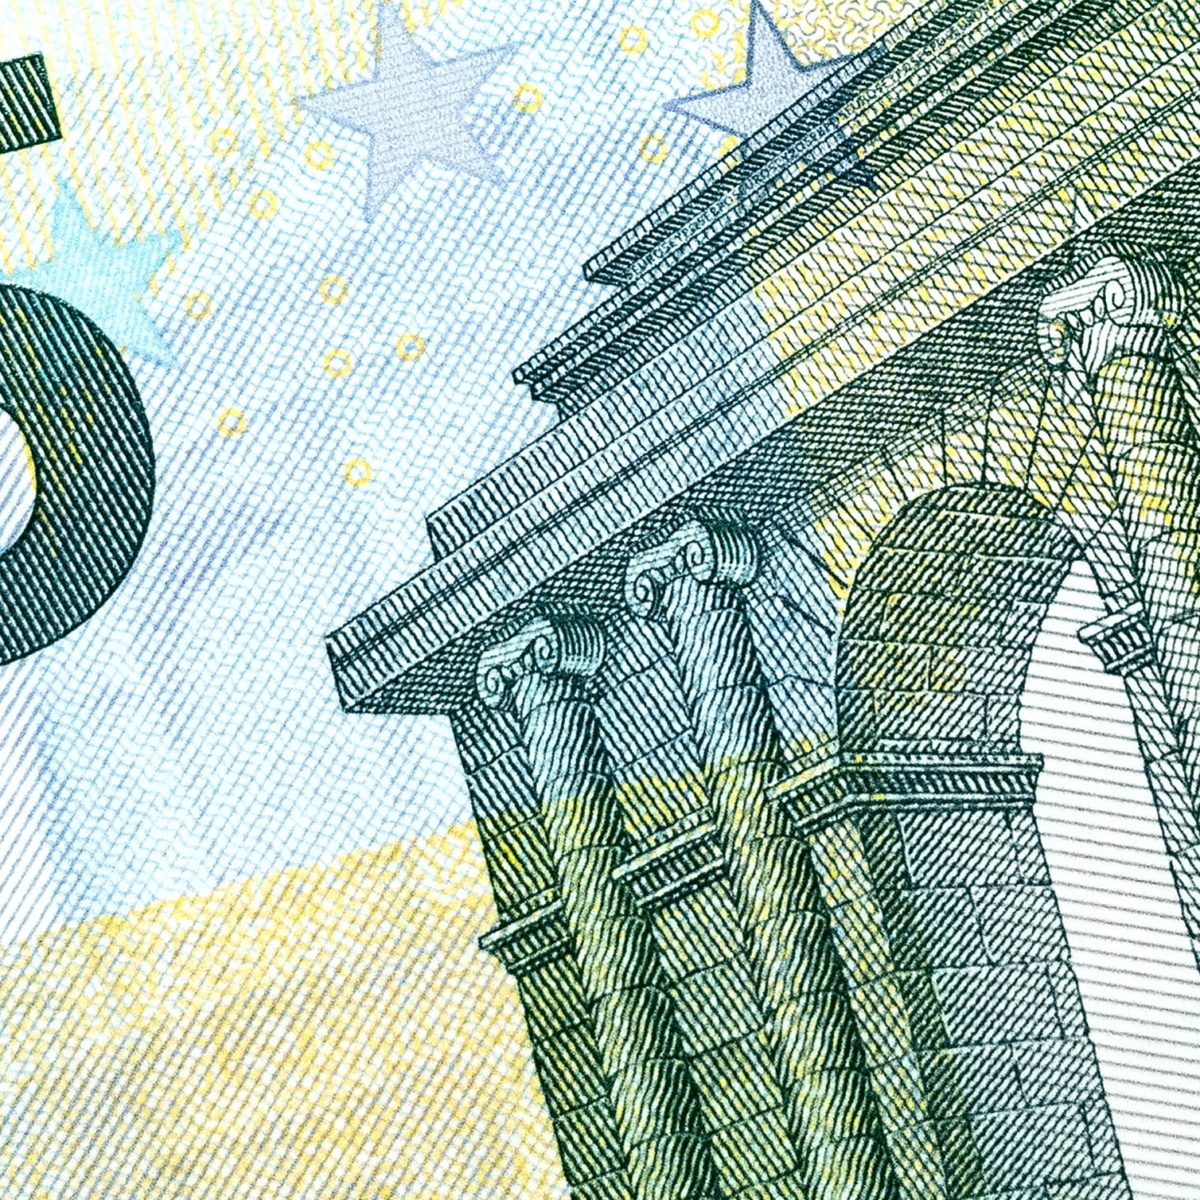 Banconota da 5€ ricevuta con il codice invito Buddybank